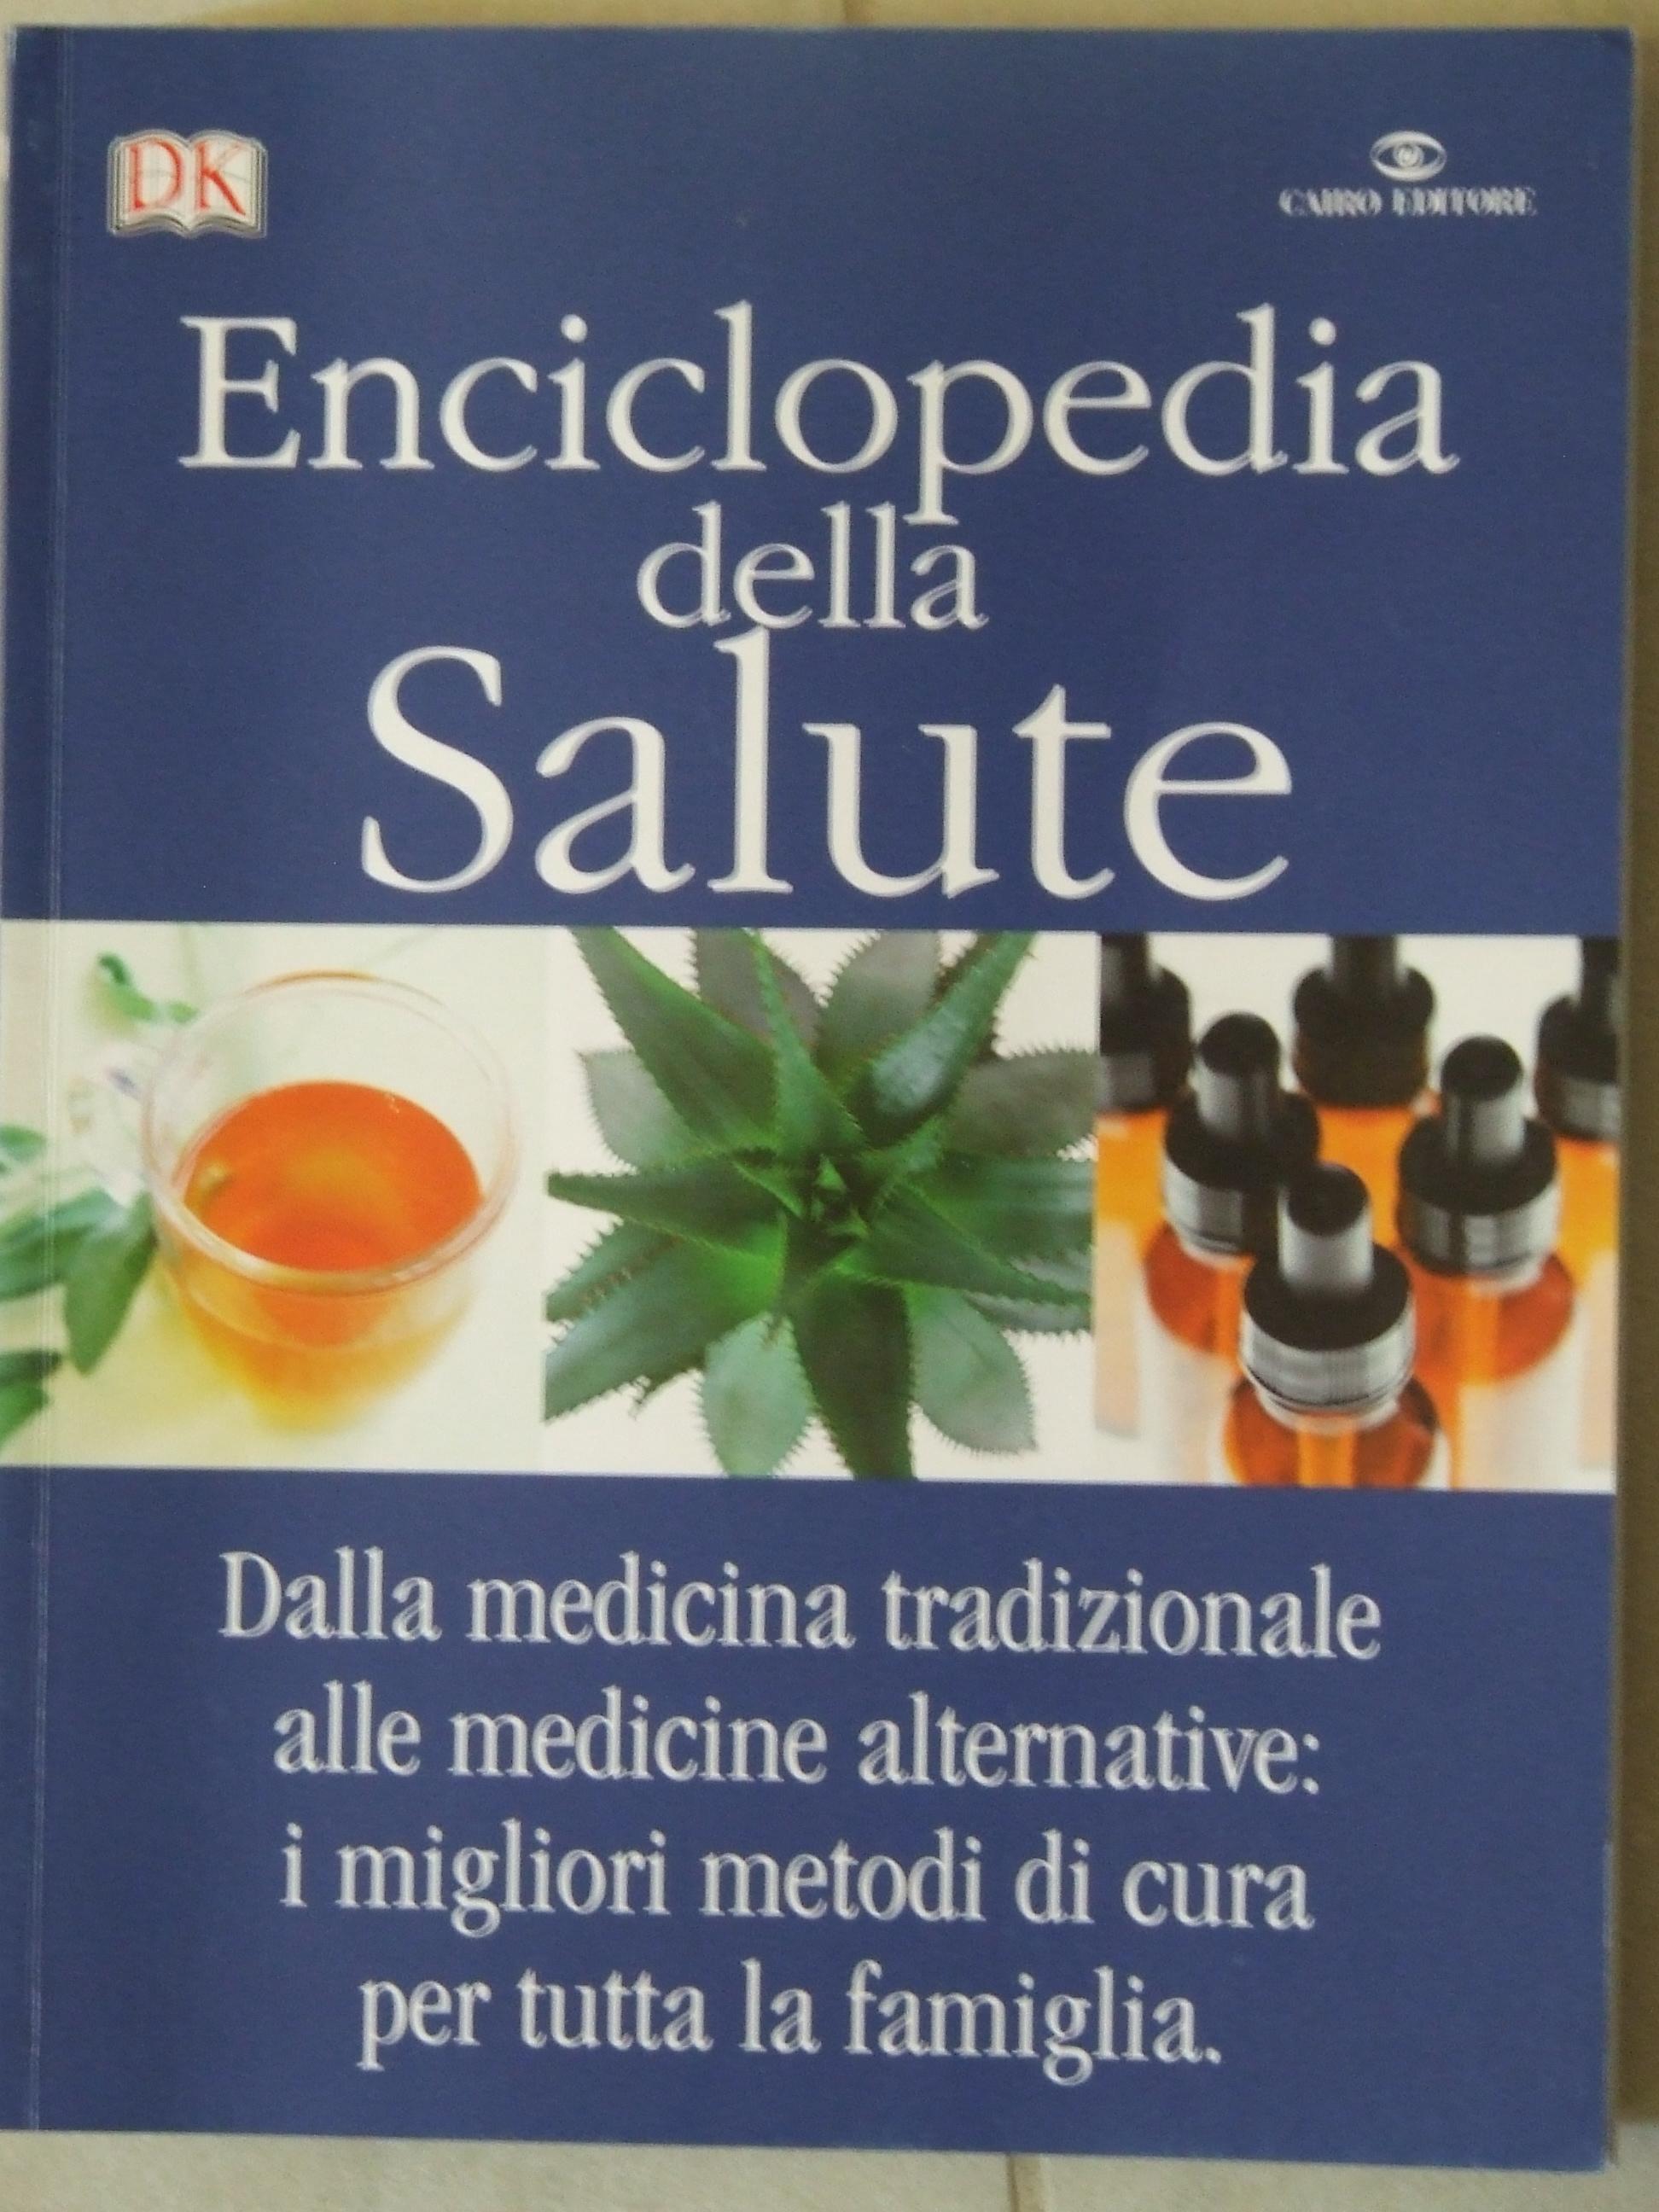 Enciclopedia della salute - vol. 2